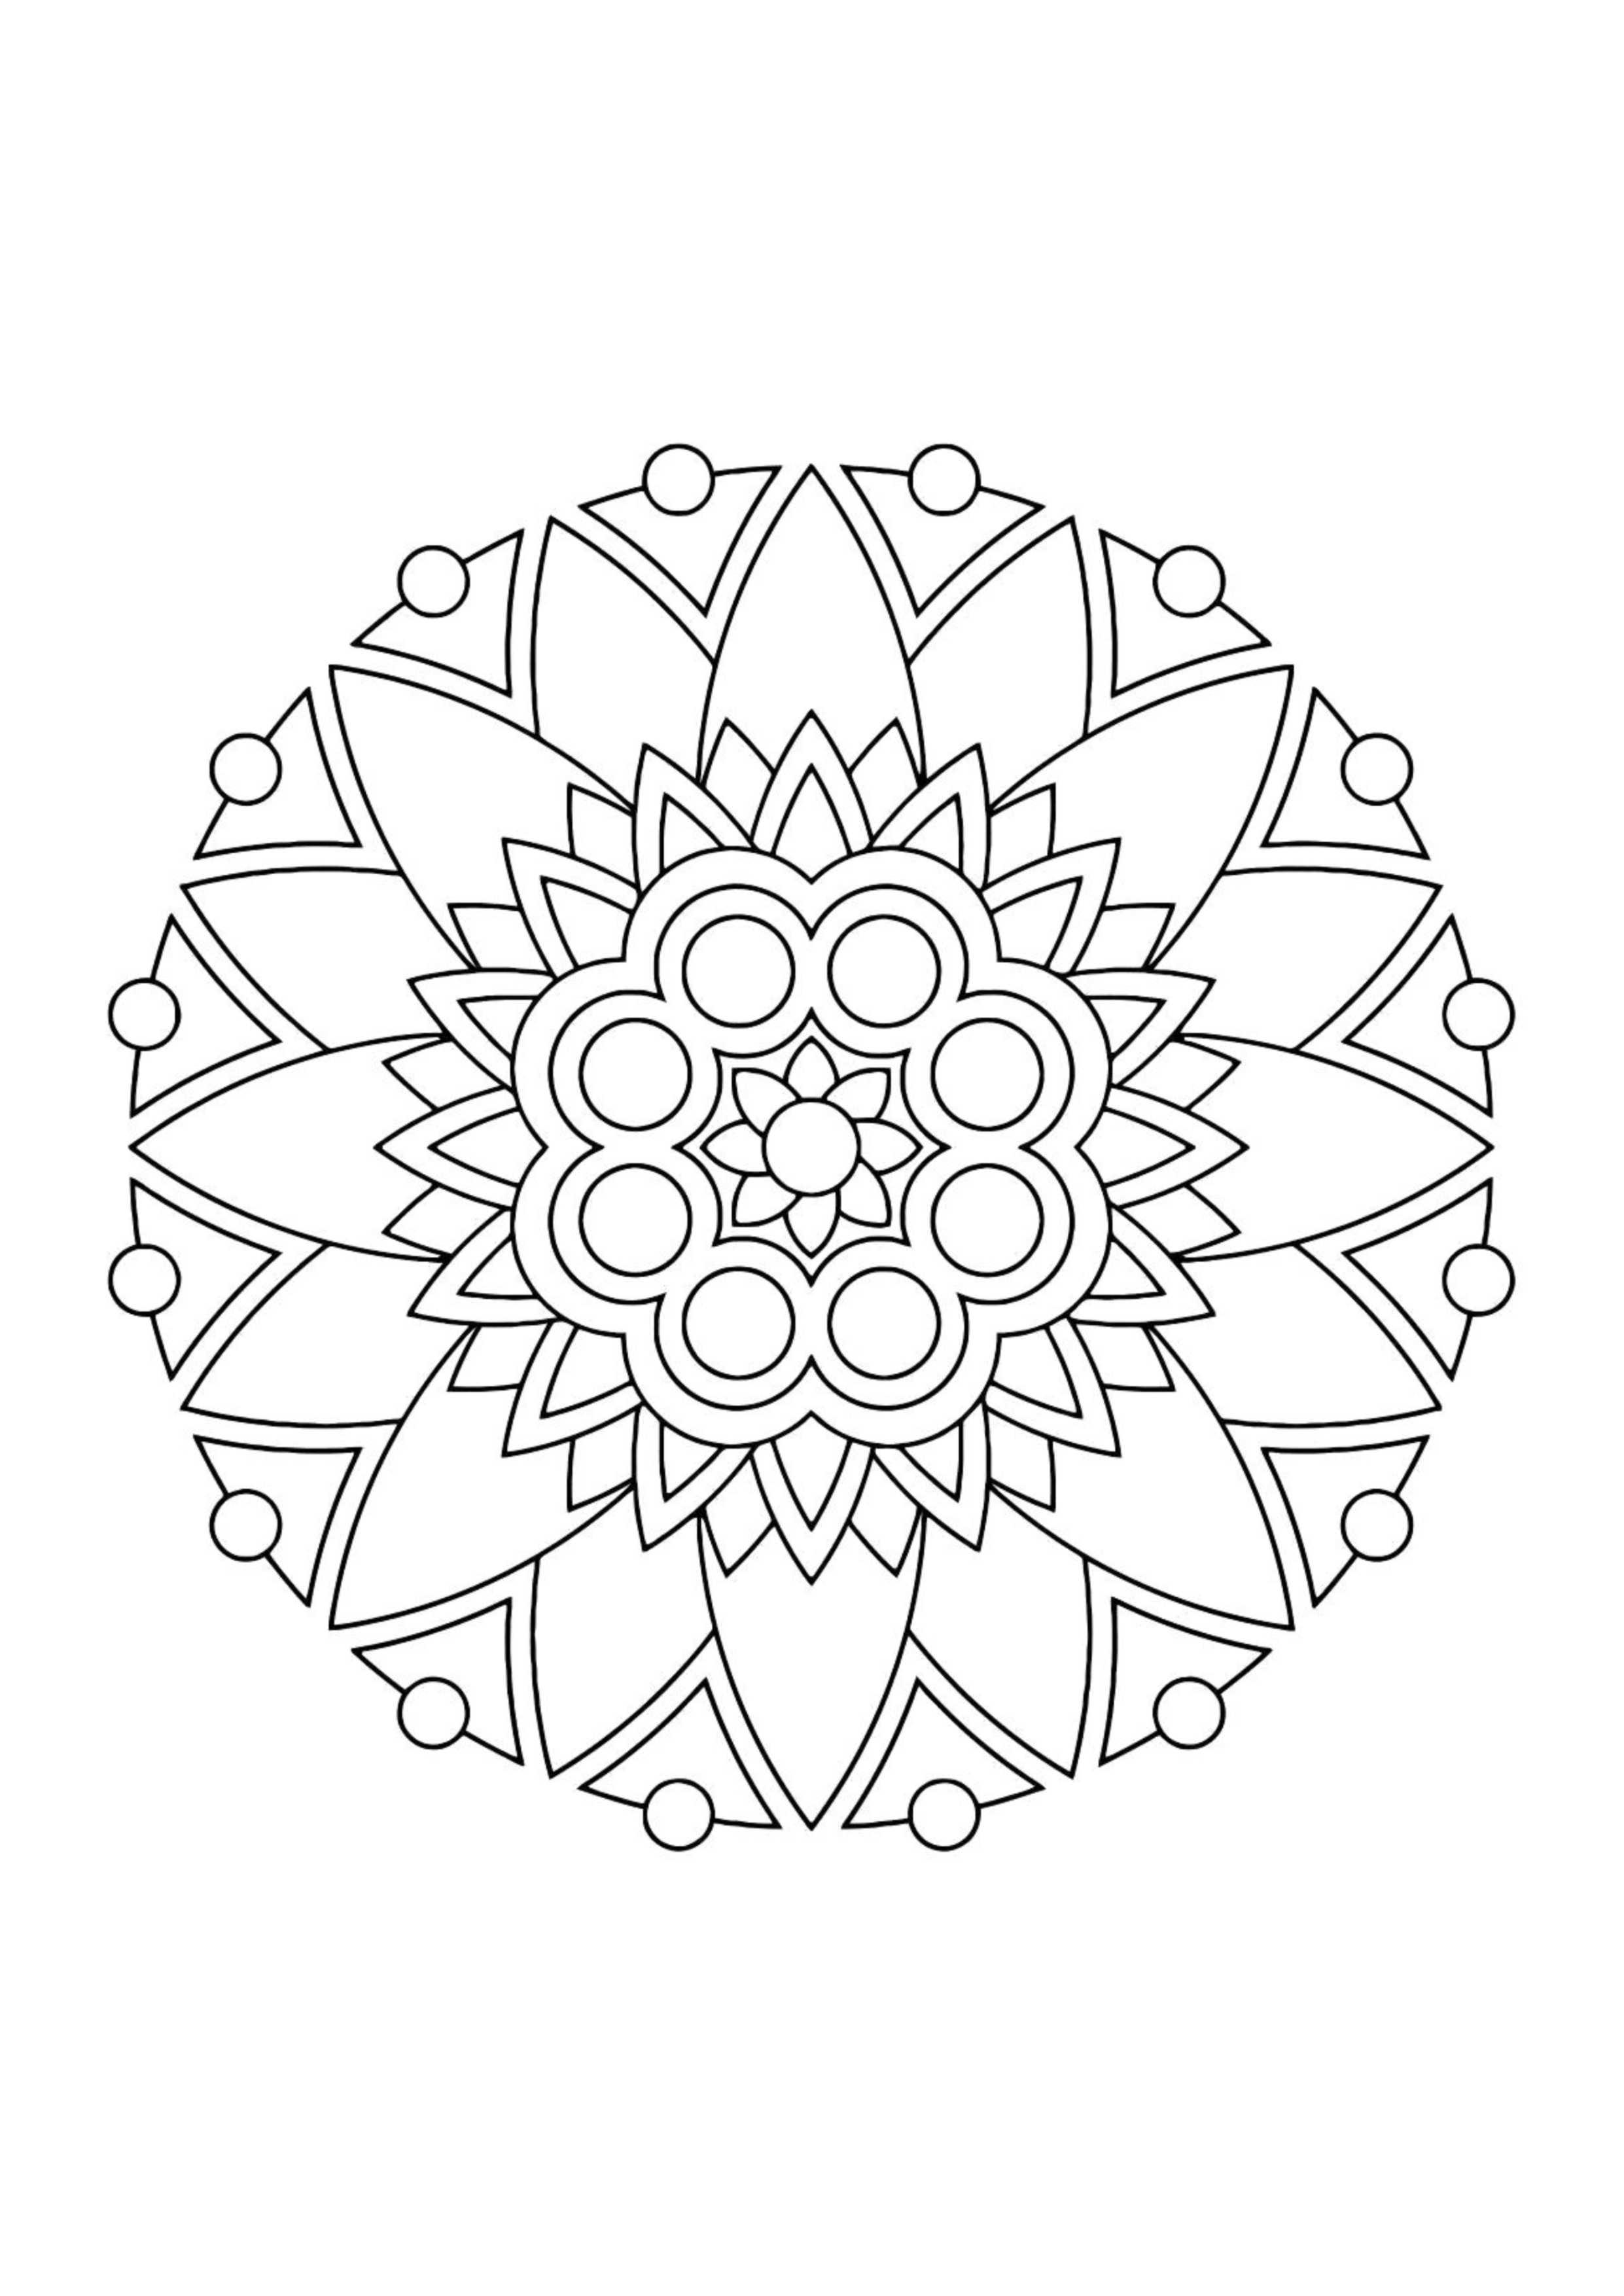 Раскраска антистресс узор в круге - Раскраски А4 формата ...